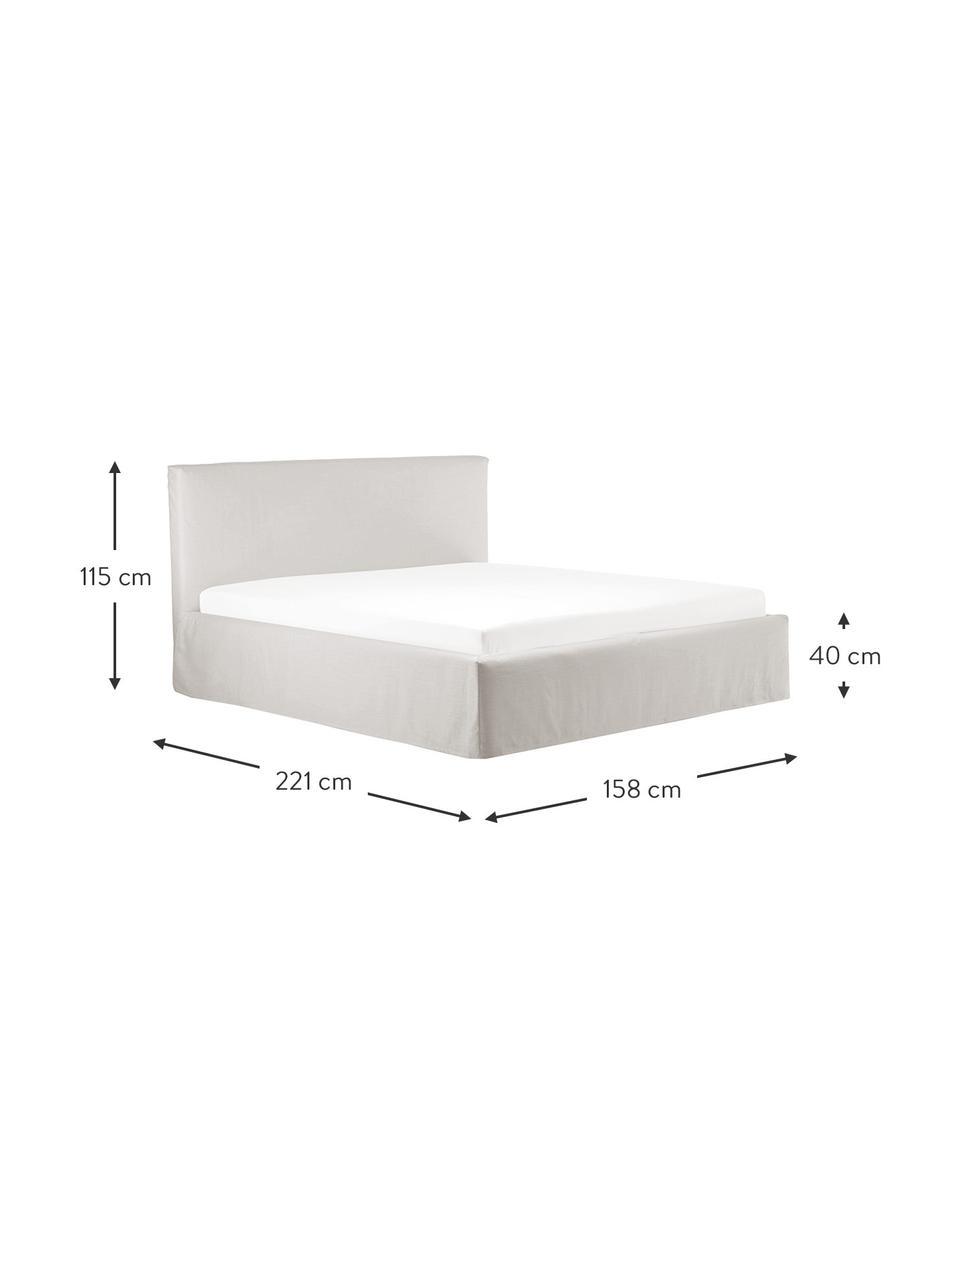 Łóżko tapicerowane z miejscem do przechowywania Feather, Korpus: lite drewno sosnowe i pły, Tapicerka: poliester (tkanina strukt, Beżowoszary, S 160 x D 200 cm